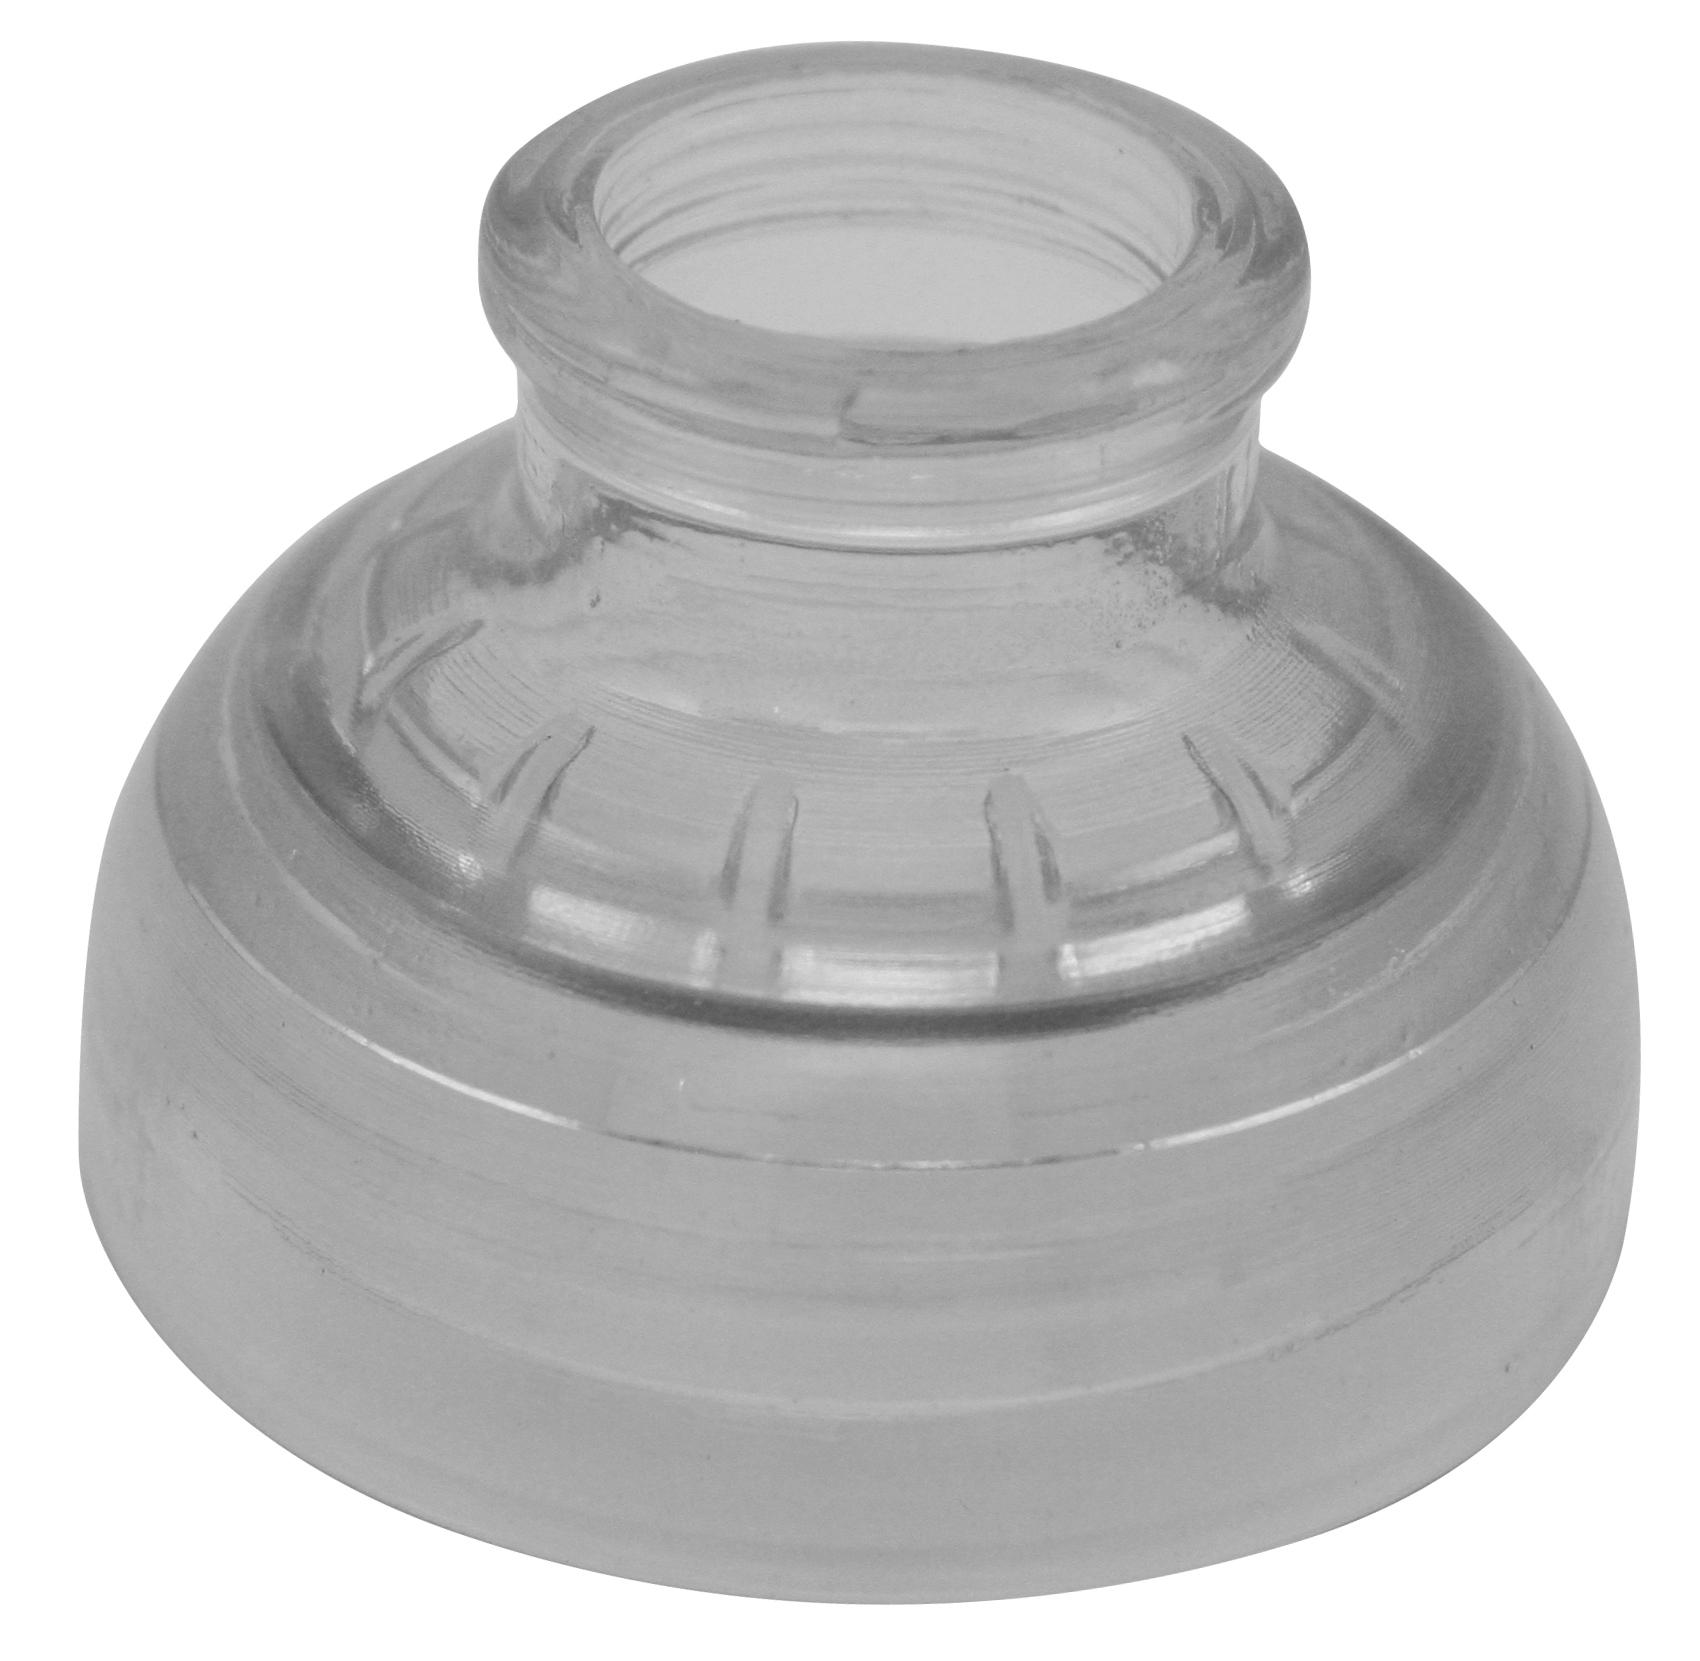 SIGG Adapter Tritan Transparent